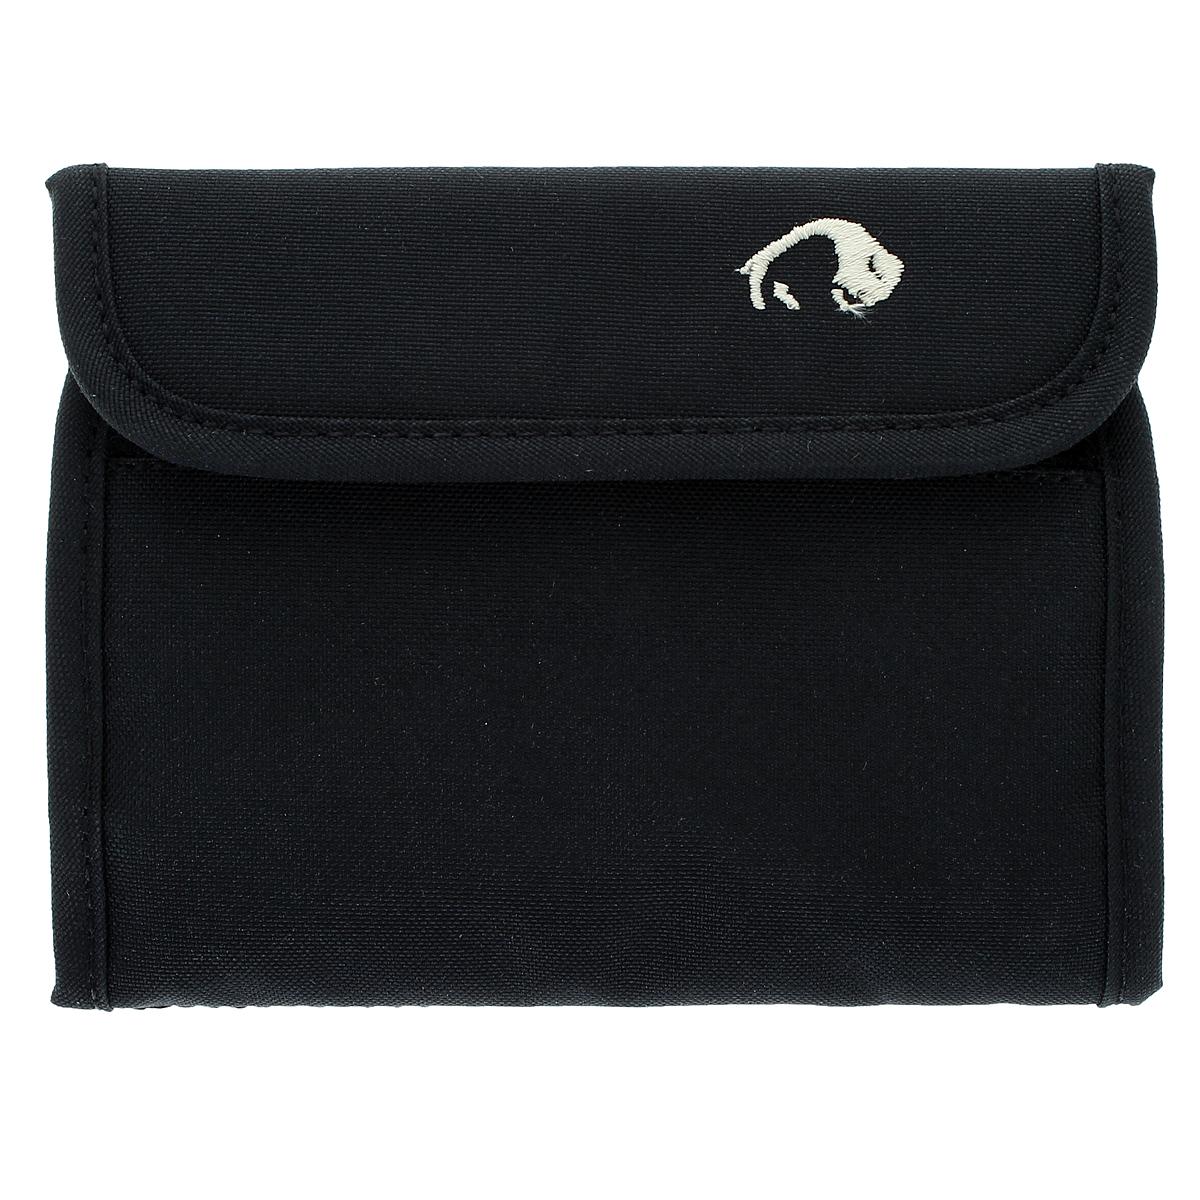 Кошелек Tatonka Euro Wallet, цвет: черный2876.040Кошелек Tatonka Euro Wallet сделан специально для купюр евро, такой кошелек послужит вам своей надежностью и функциональностью. Кошелек закрывается на липучку. Внутри состоит из двух отделений для купюр, одно из которых на застежке-молнии, также включает четыре кармашка для кредитных карт, прозрачное пластиковое окошко и потайной кармашек. Наружное отделение на застежке-молнии для мелочи или ключей. Оригинальный кошелек - неотъемлемый атрибут любого, он является повседневным предметом пользования, и призван подчеркнуть стиль и вкус его обладателя.